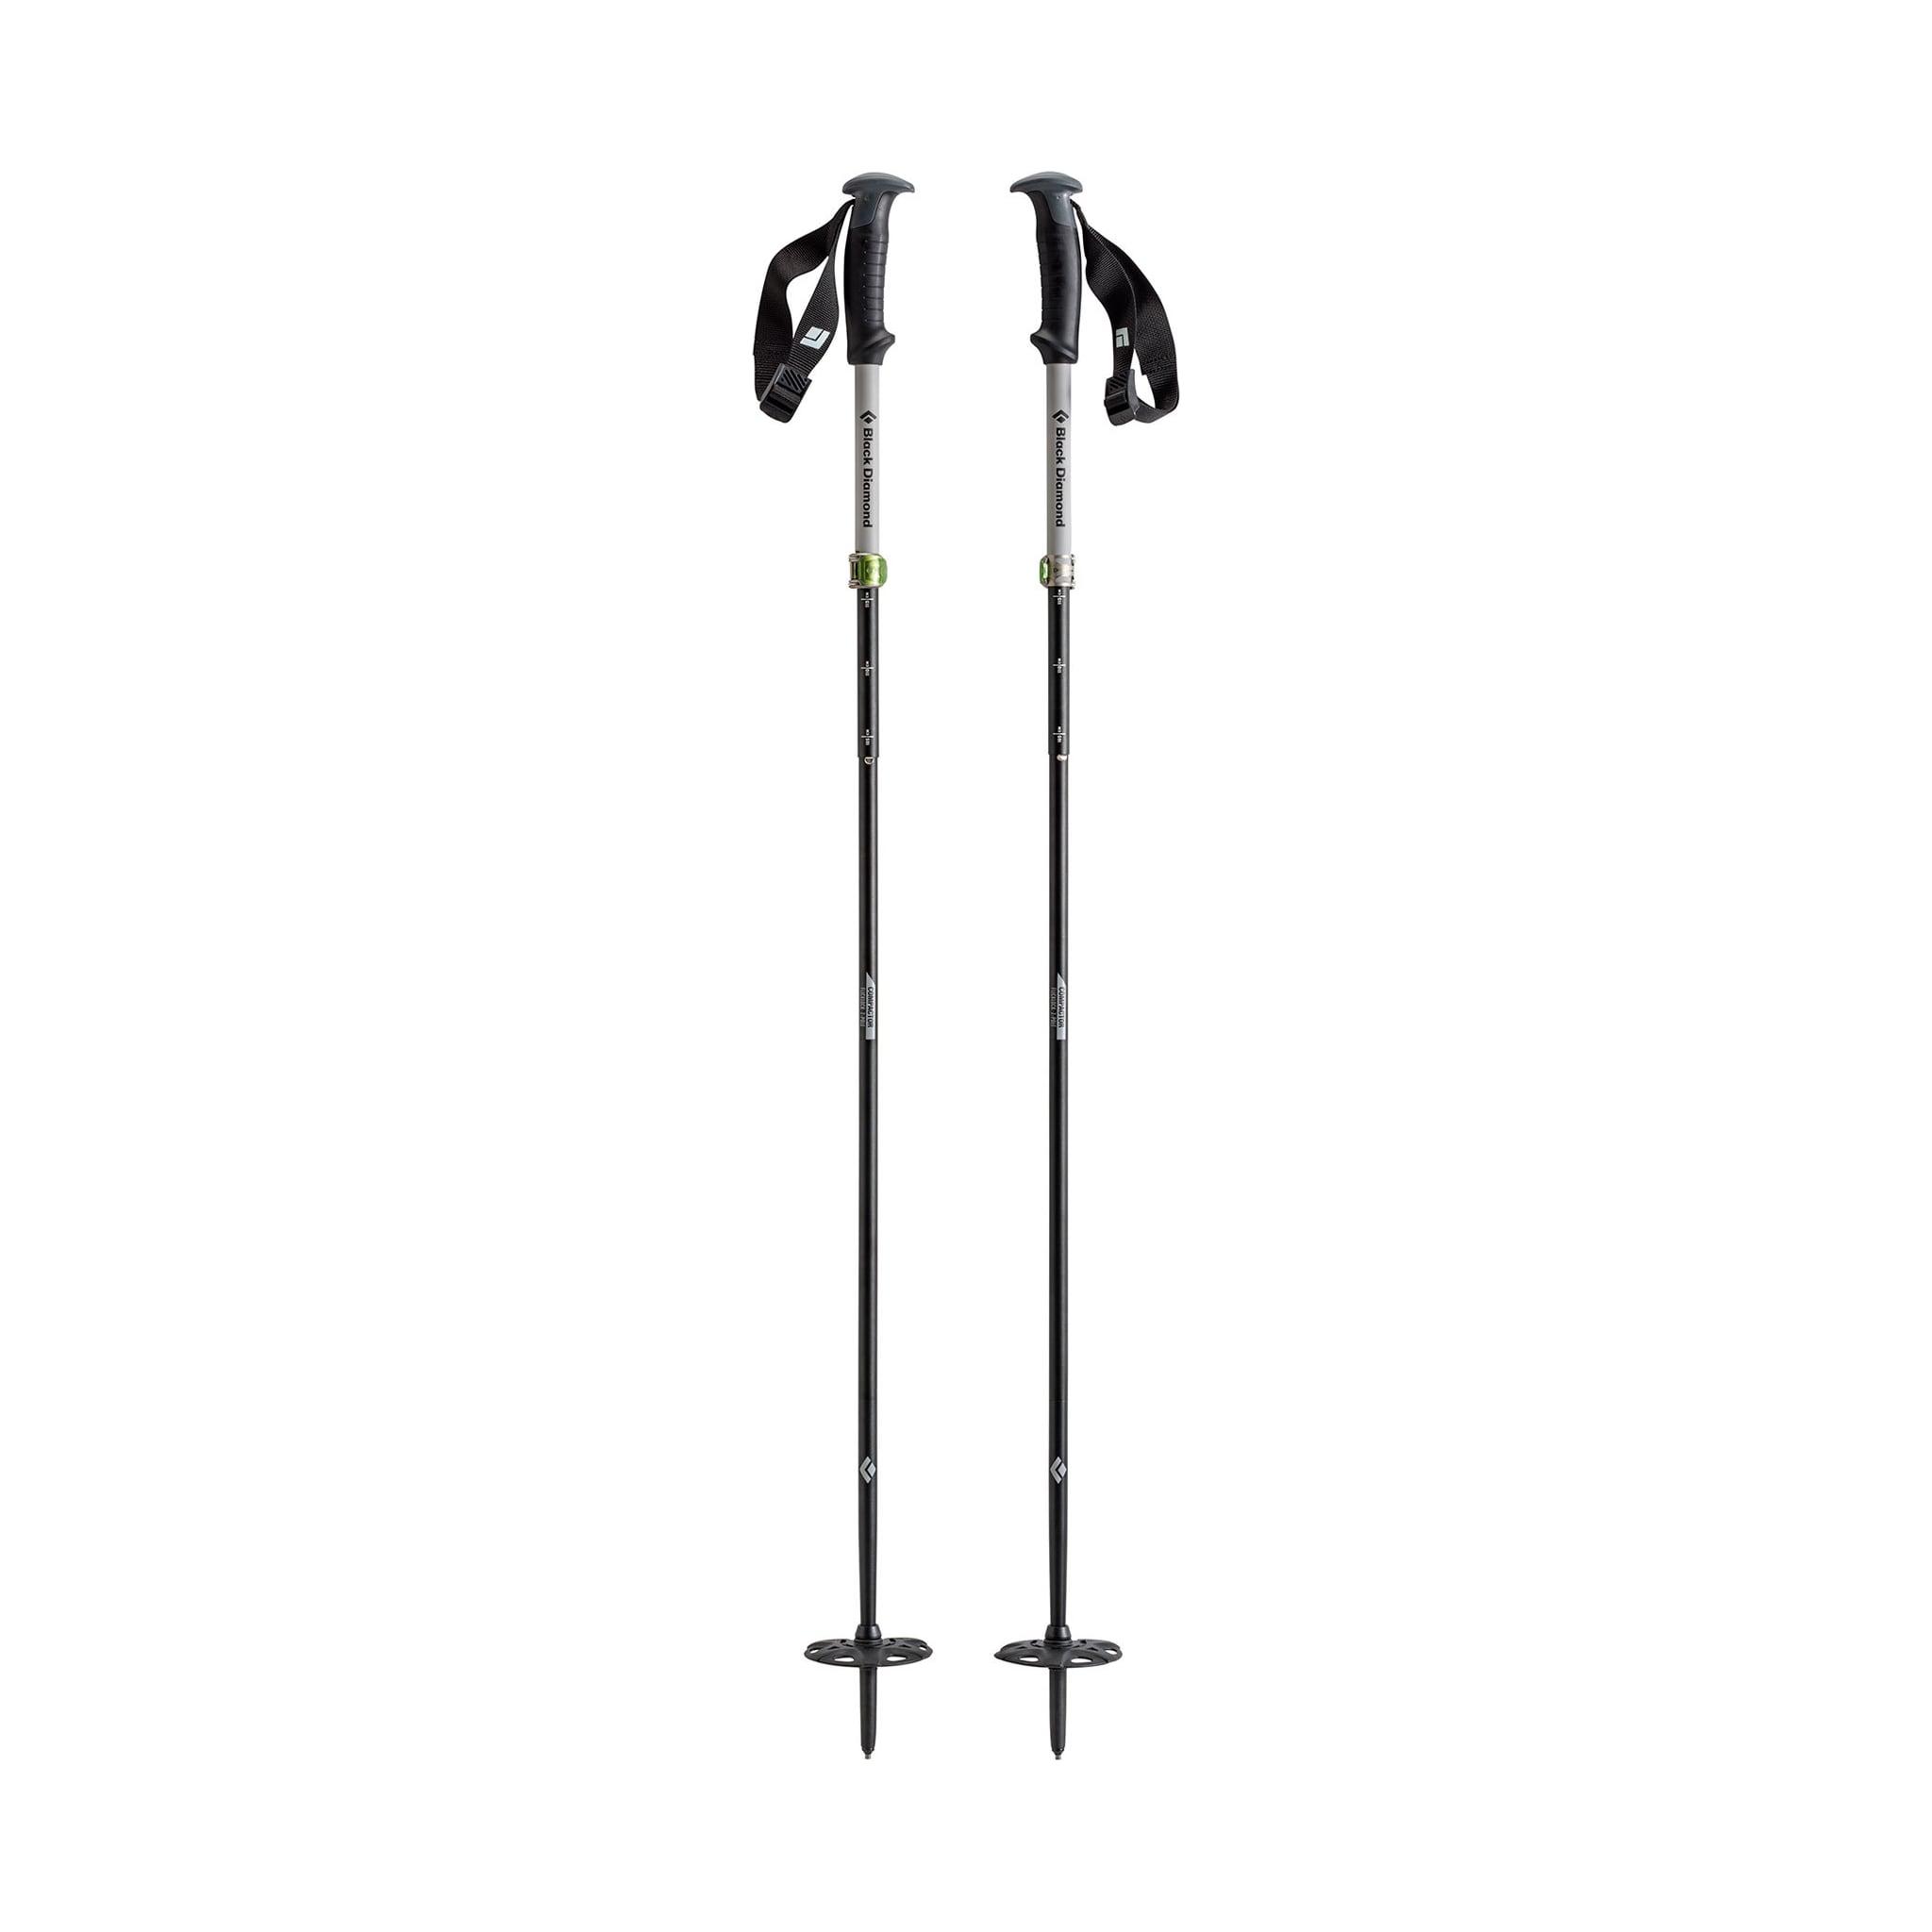 Justerbare og sammenleggbare staver for splitboard og klatring